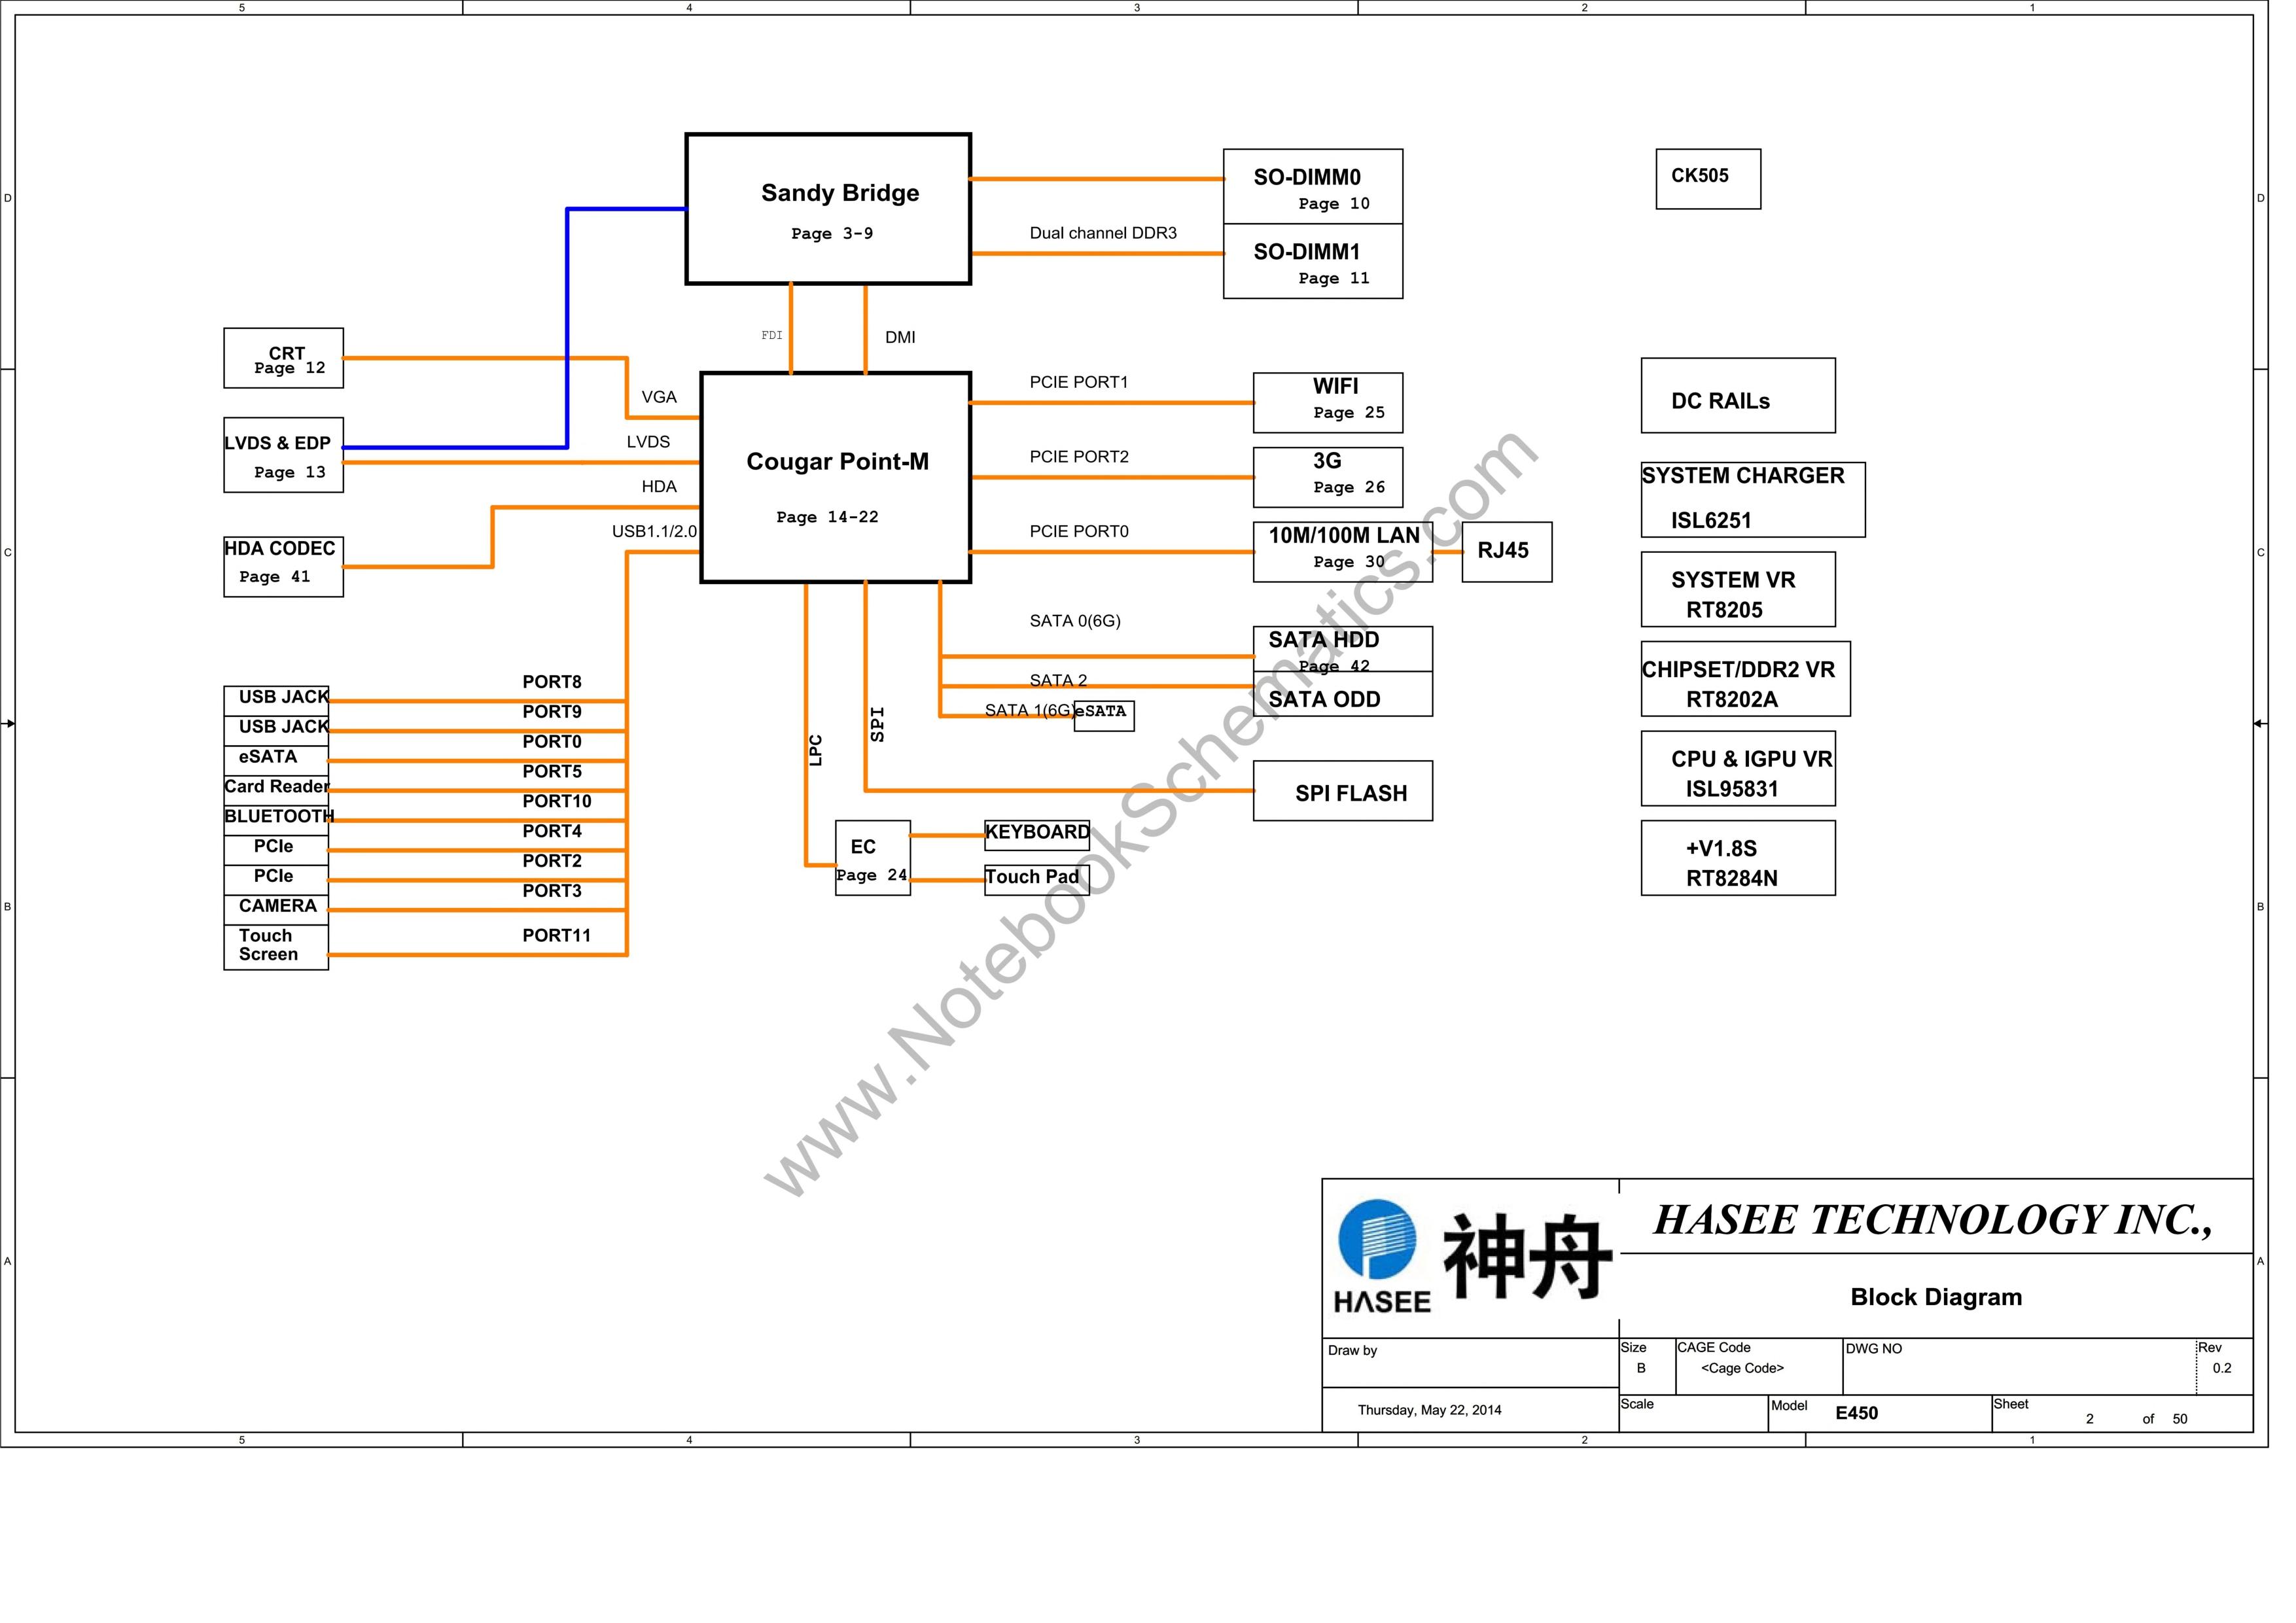 Fujitsu Primepower 450 Service Manual